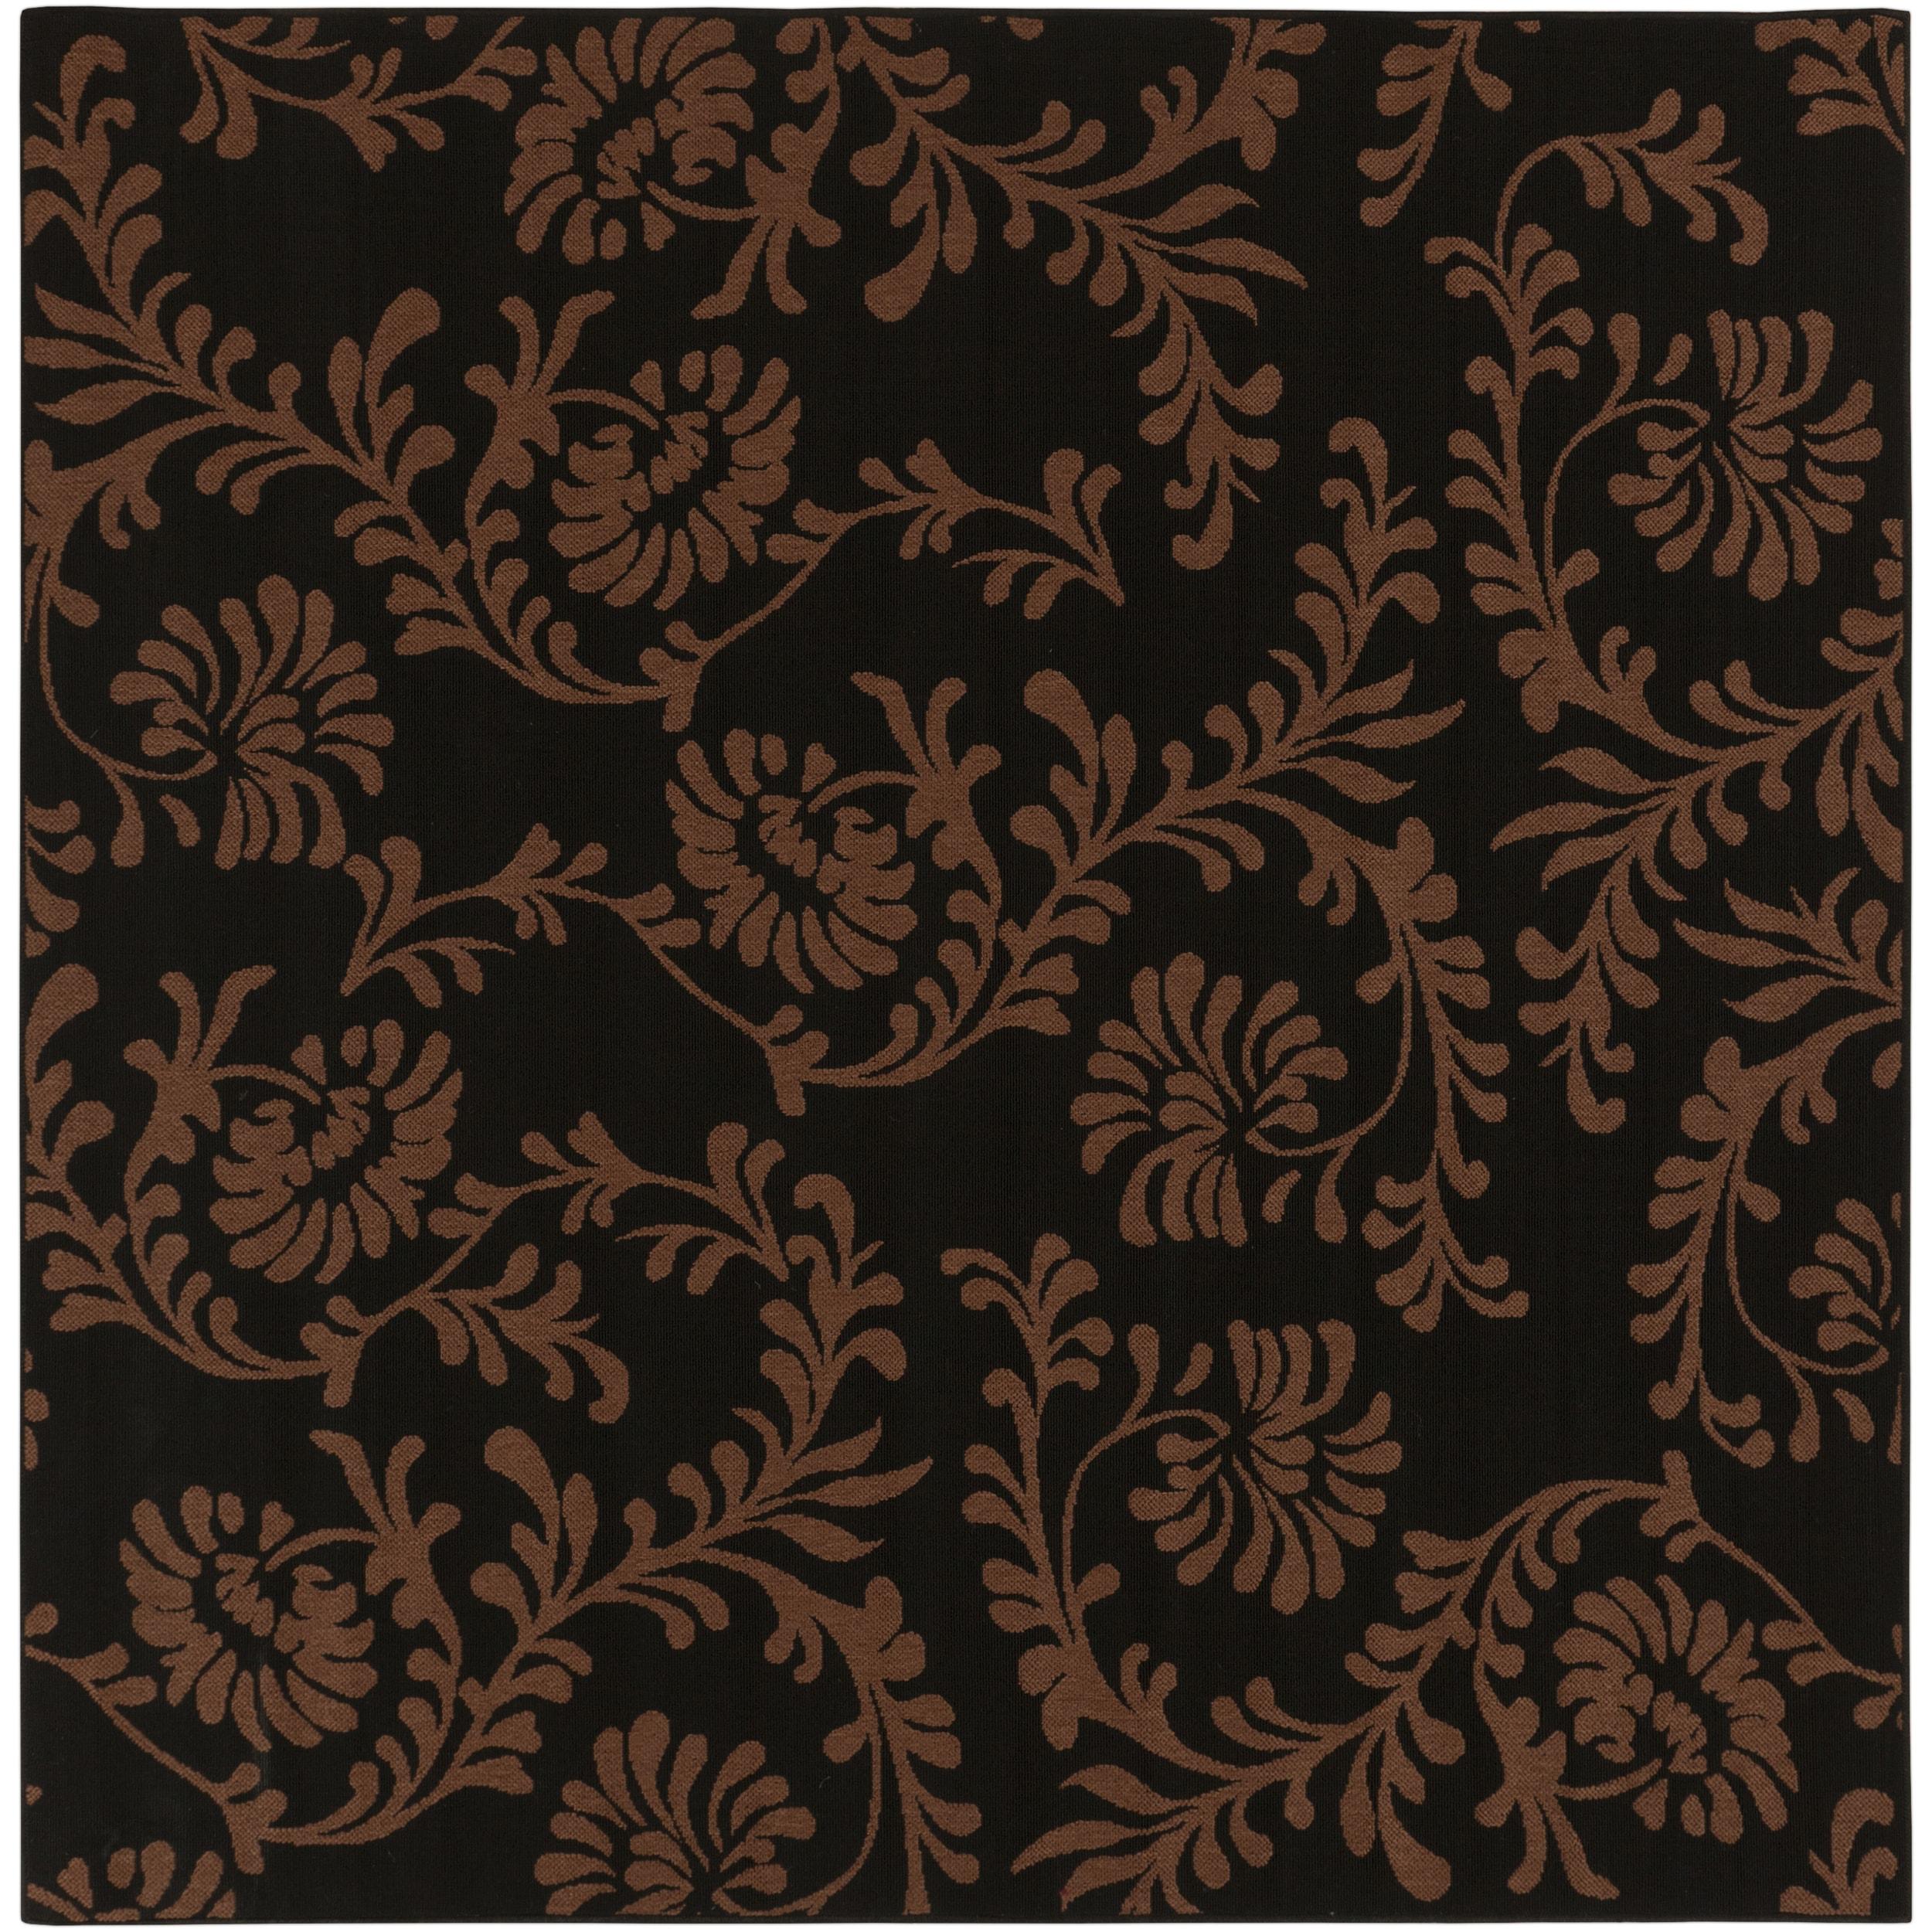 Levuka Russet Floral Indoor/Outdoor Rug (8'9 x 8'9)